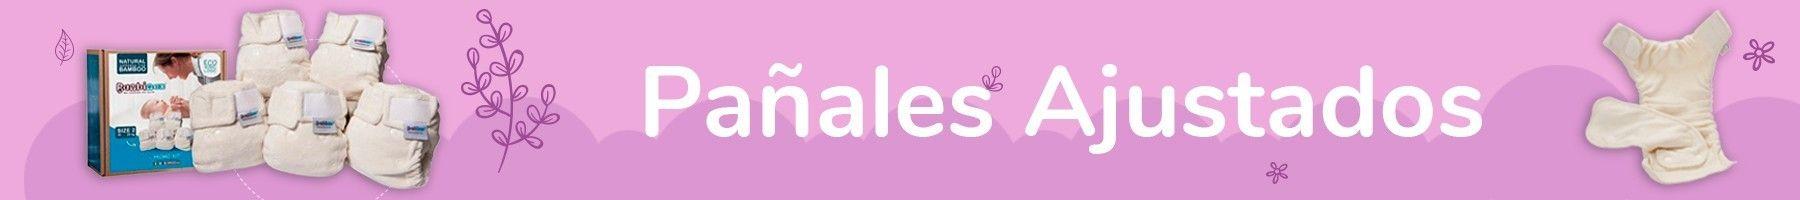 Comprar Pañales Ajustados ecológicos para bebés |My Baby's Life